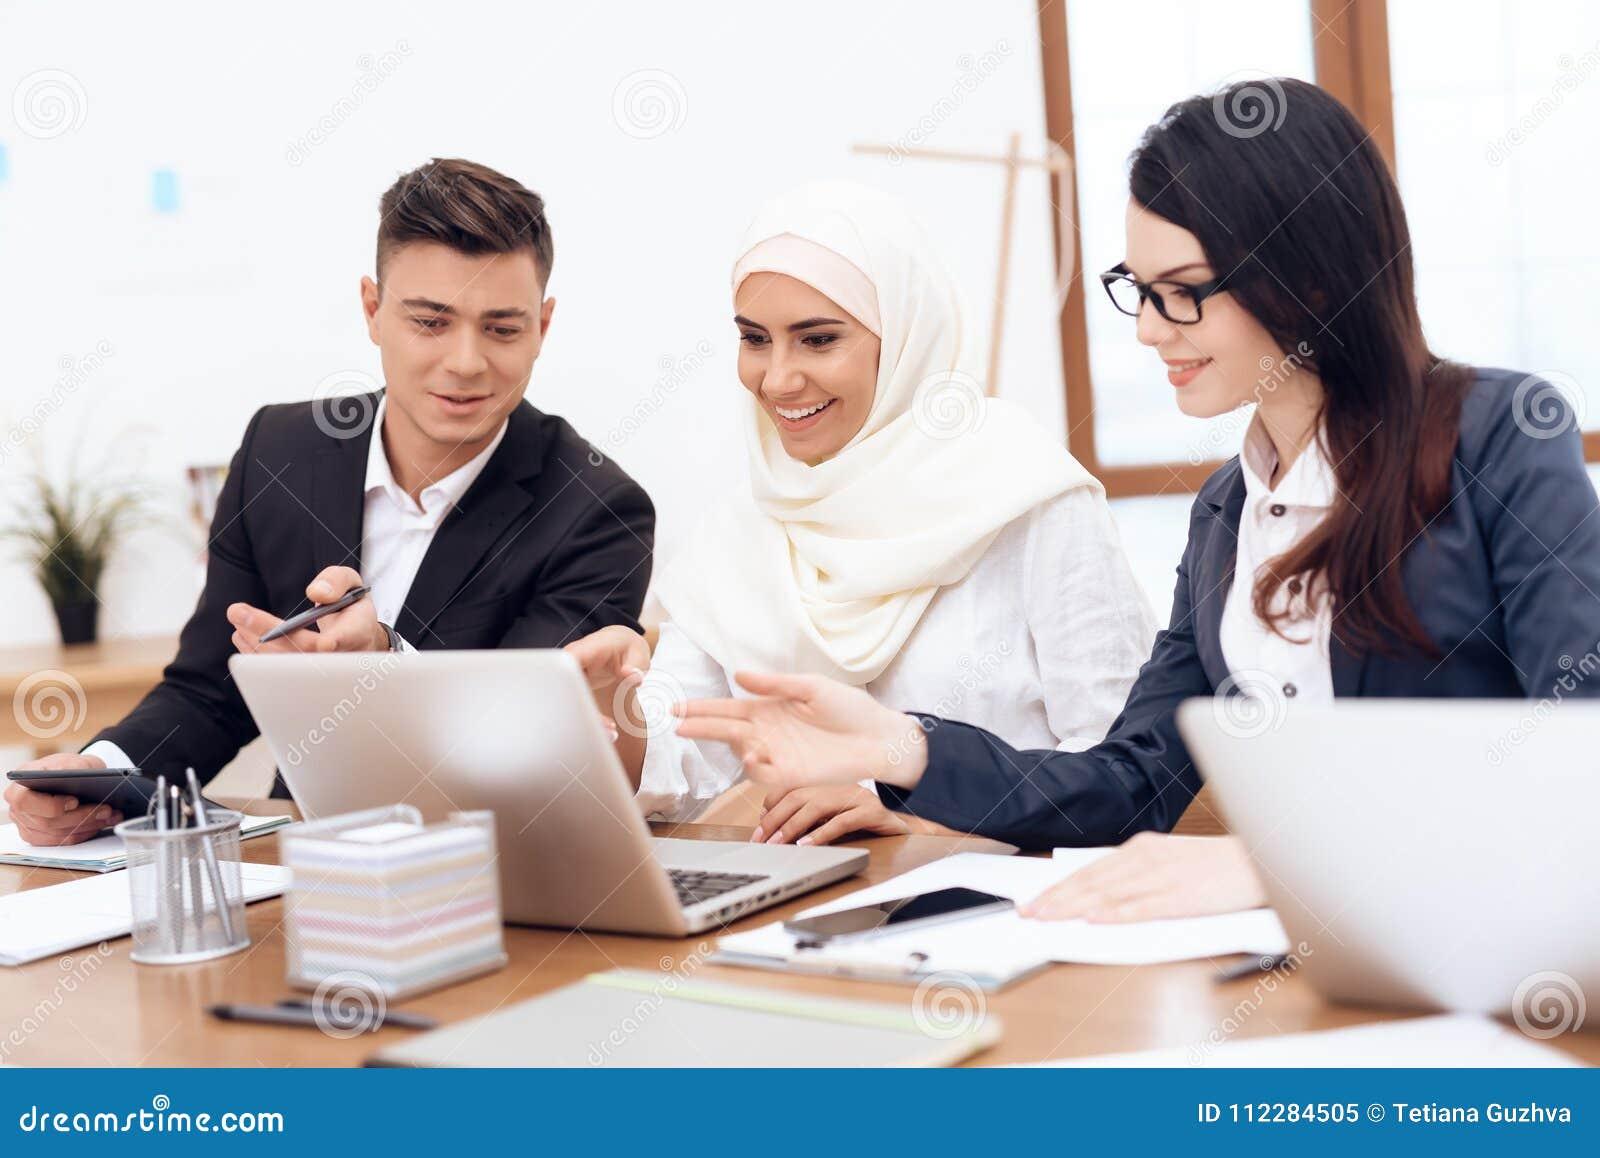 La femme arabe dans le hijab travaille dans le bureau ainsi que